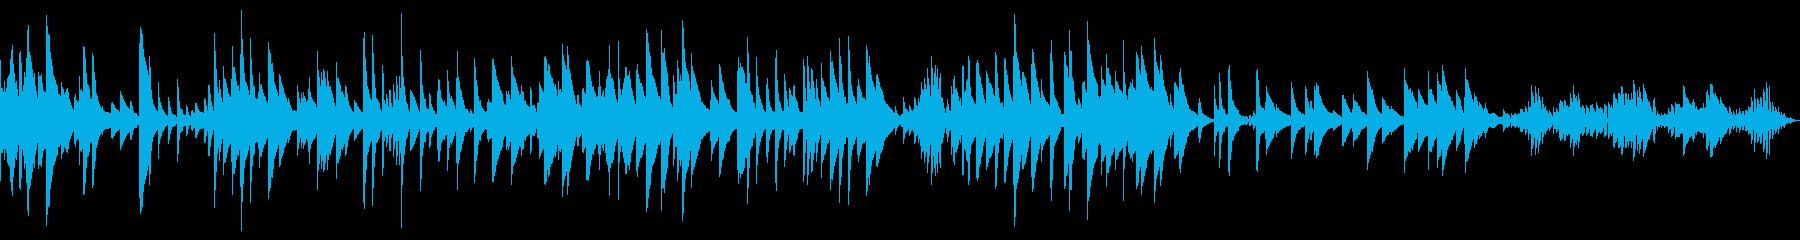 中国系の店舗BGM、ピパ独奏、ループの再生済みの波形